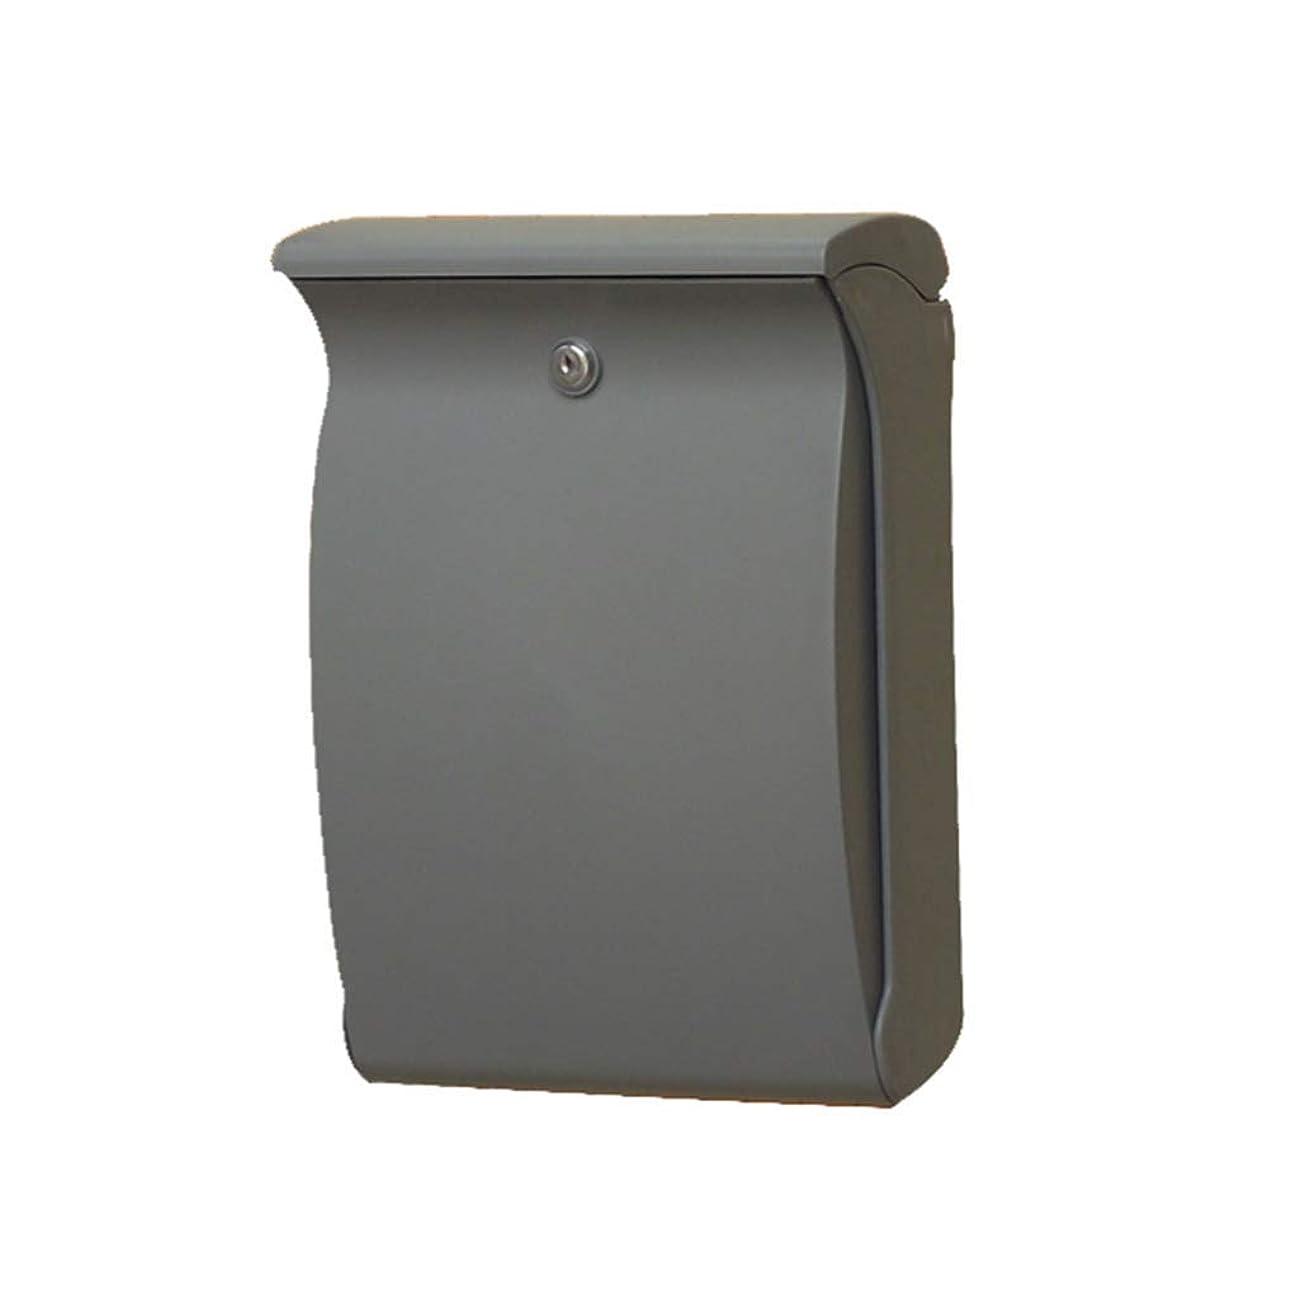 ガチョウ巻き戻す卵メールボックス、屋外用アンチUVプラスチックメールボックスメールボックスレターボックスサジェストボックス(カラー:GREY)